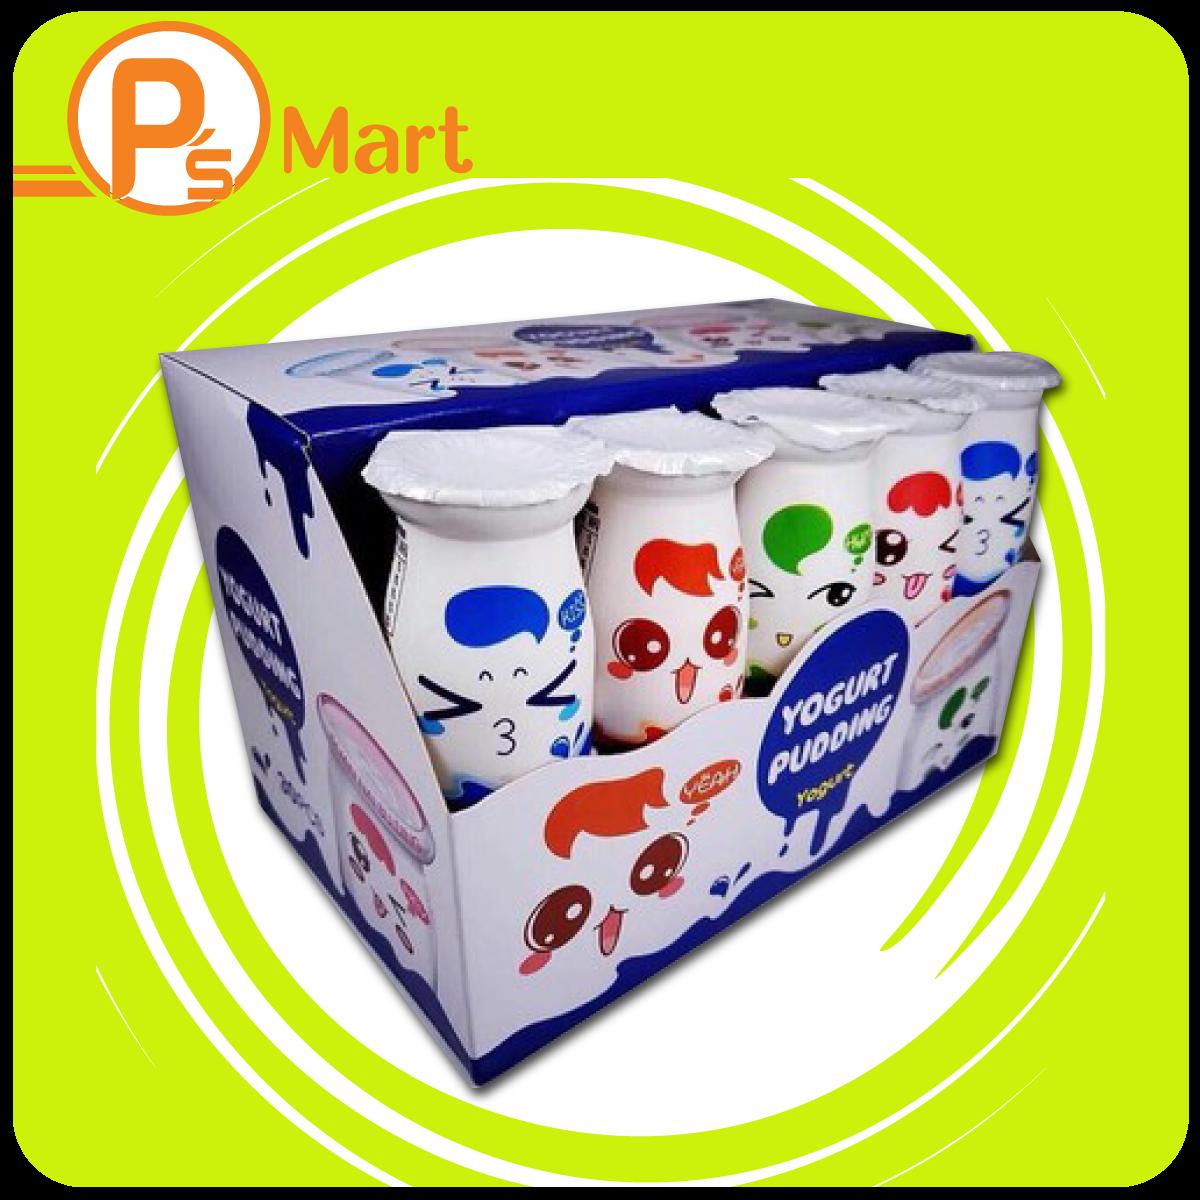 Sữa chua pudding 1 thùng 12 lốc